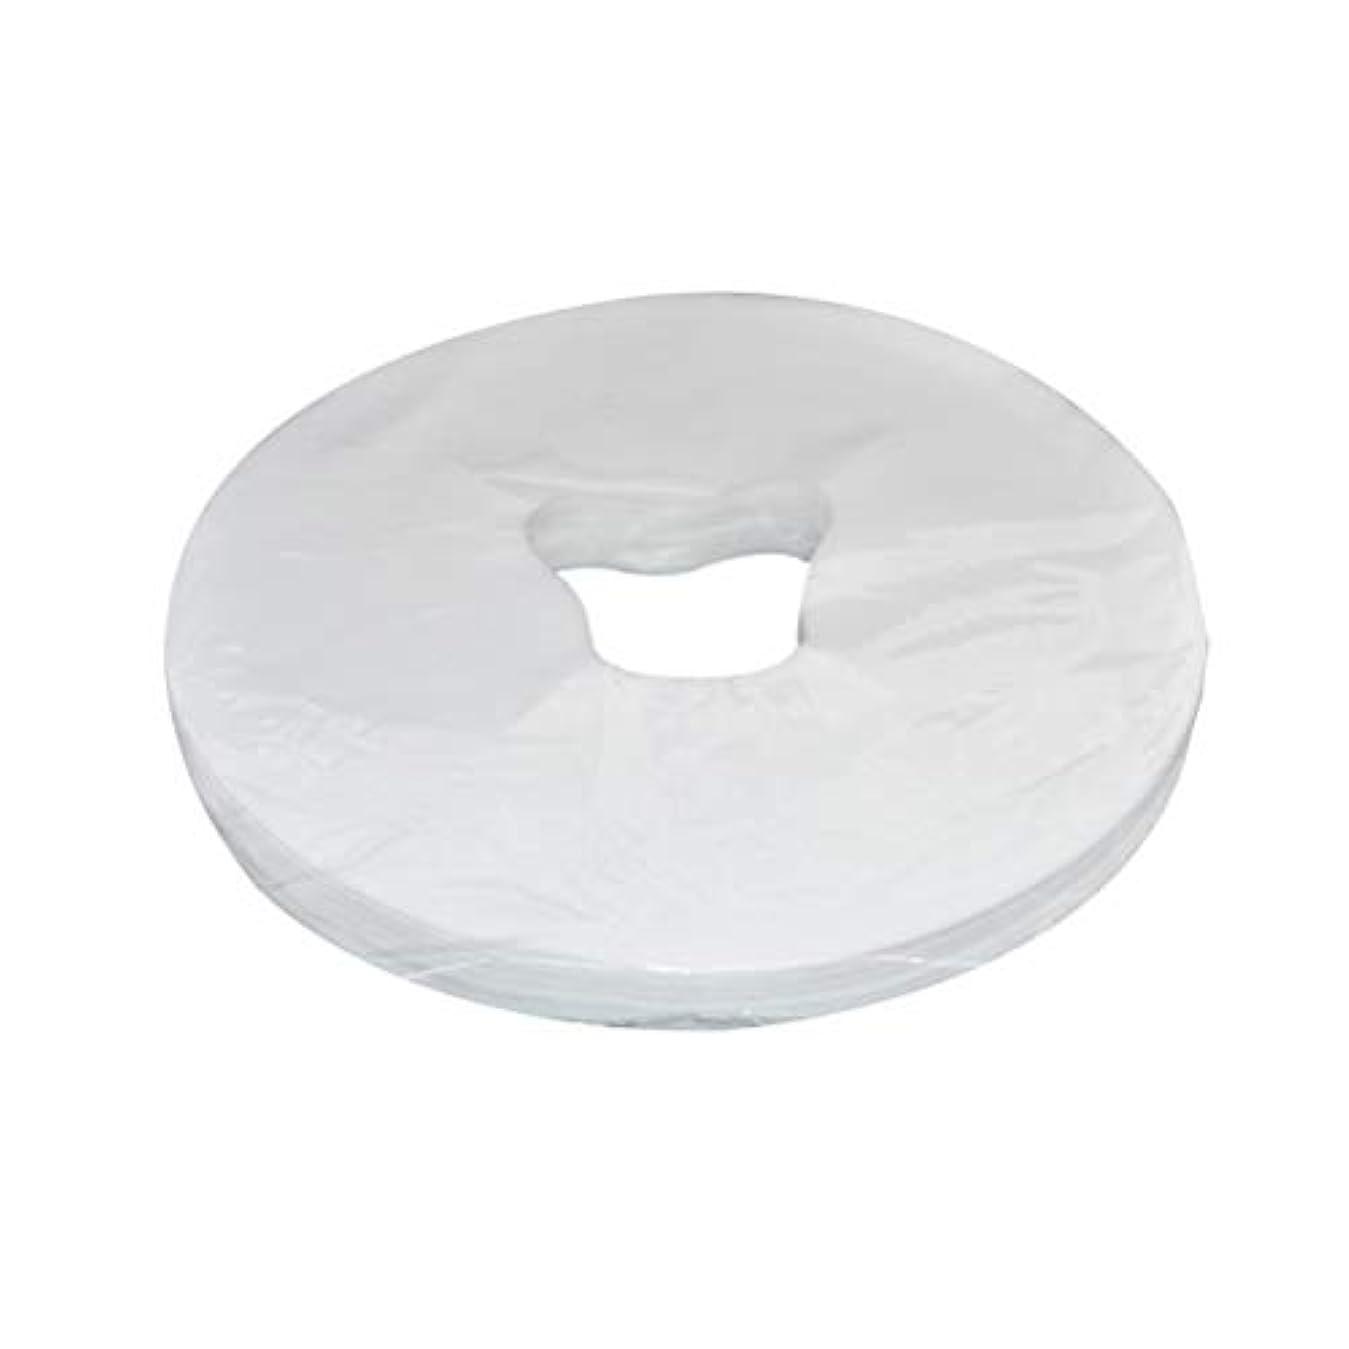 苦い行雄弁家Healifty 100シート無織布巾 使い捨て マッサージフェイスピローカバー フェイスカバー ヘッドレストピローシート(ホワイト)